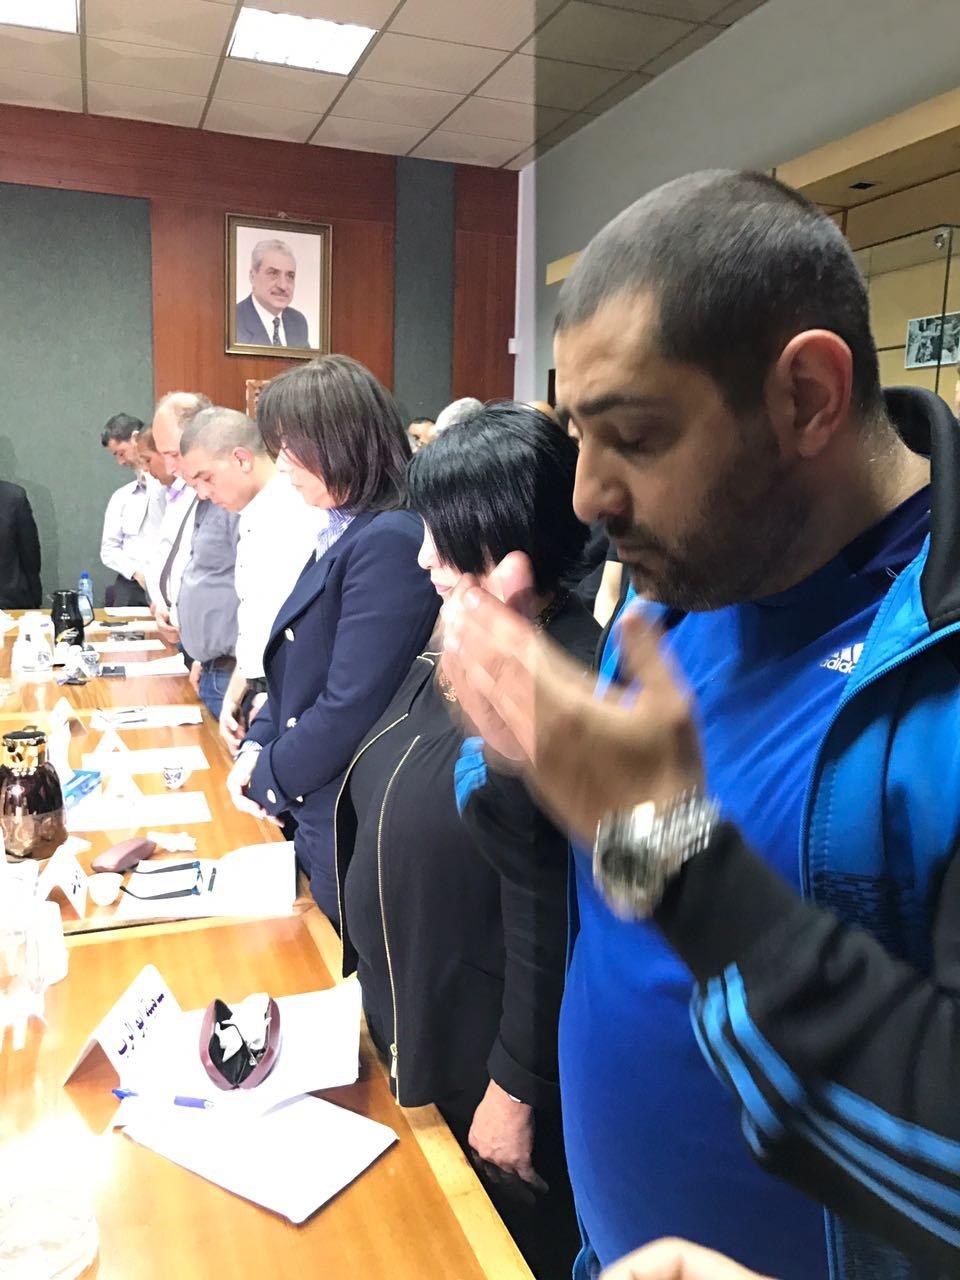 المجلس البلدي في الناصرة يصوت ضد تعيين المهندس جبارين مهندسا للبلدية